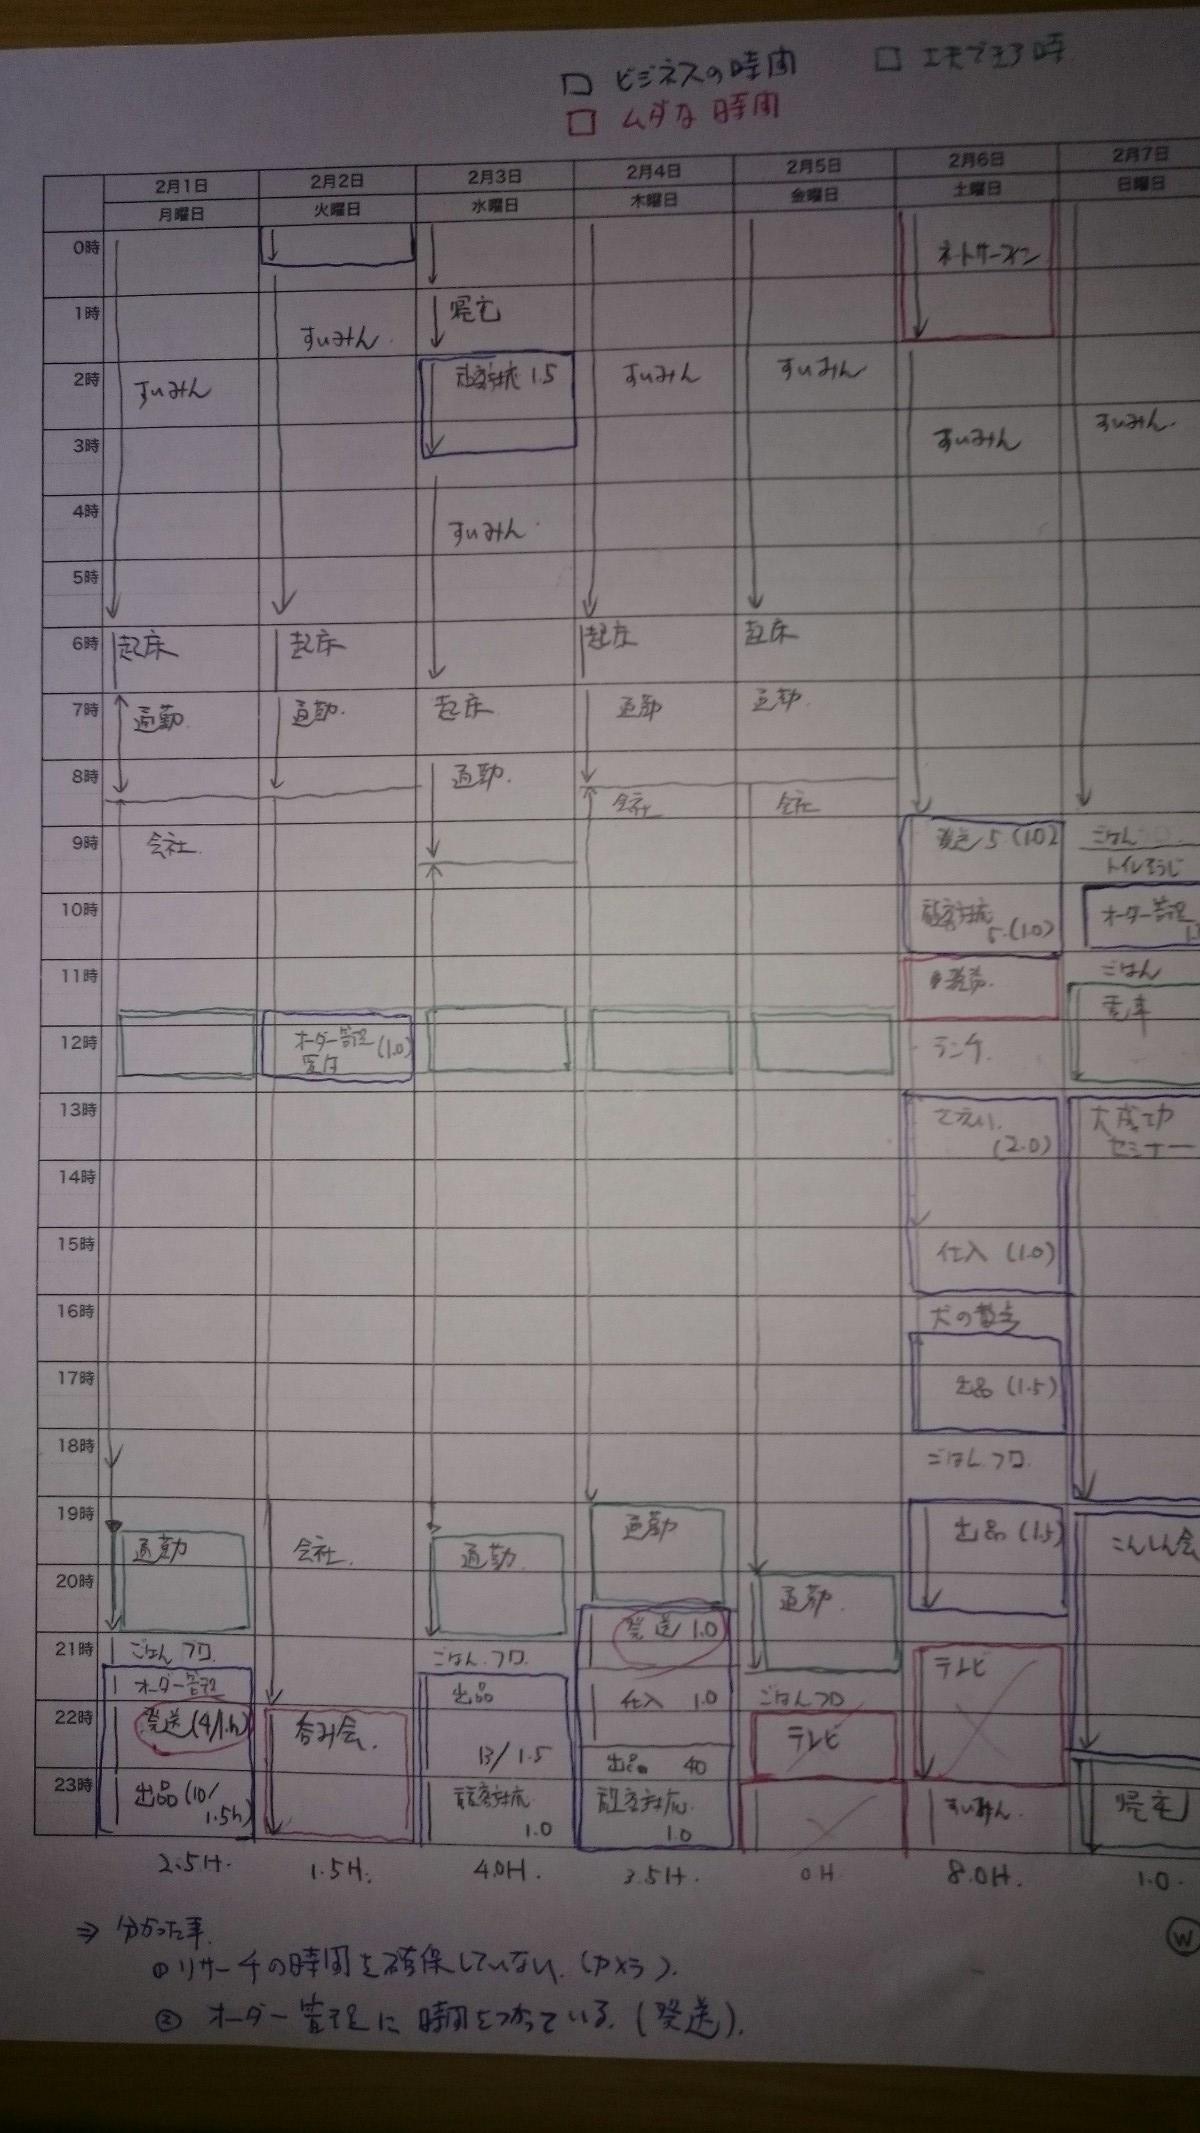 ebay_Schedule